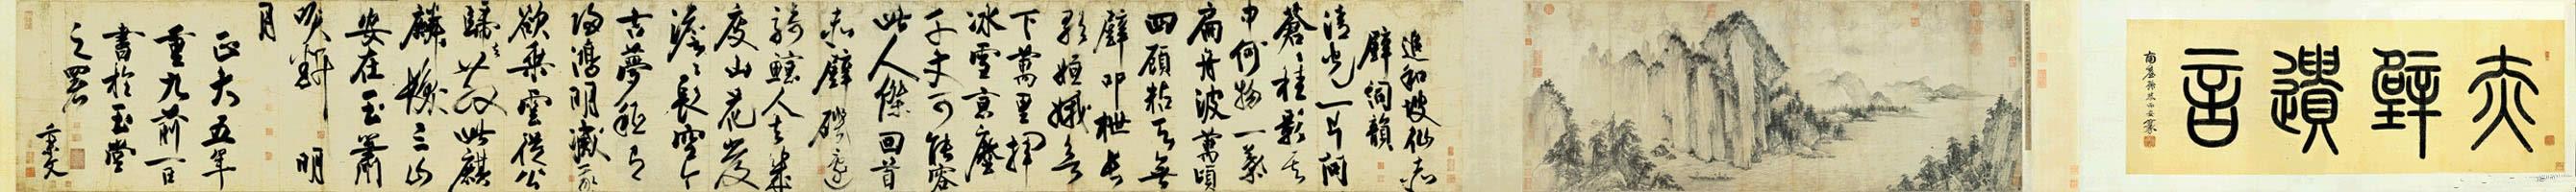 赵秉文 赤壁图卷题诗